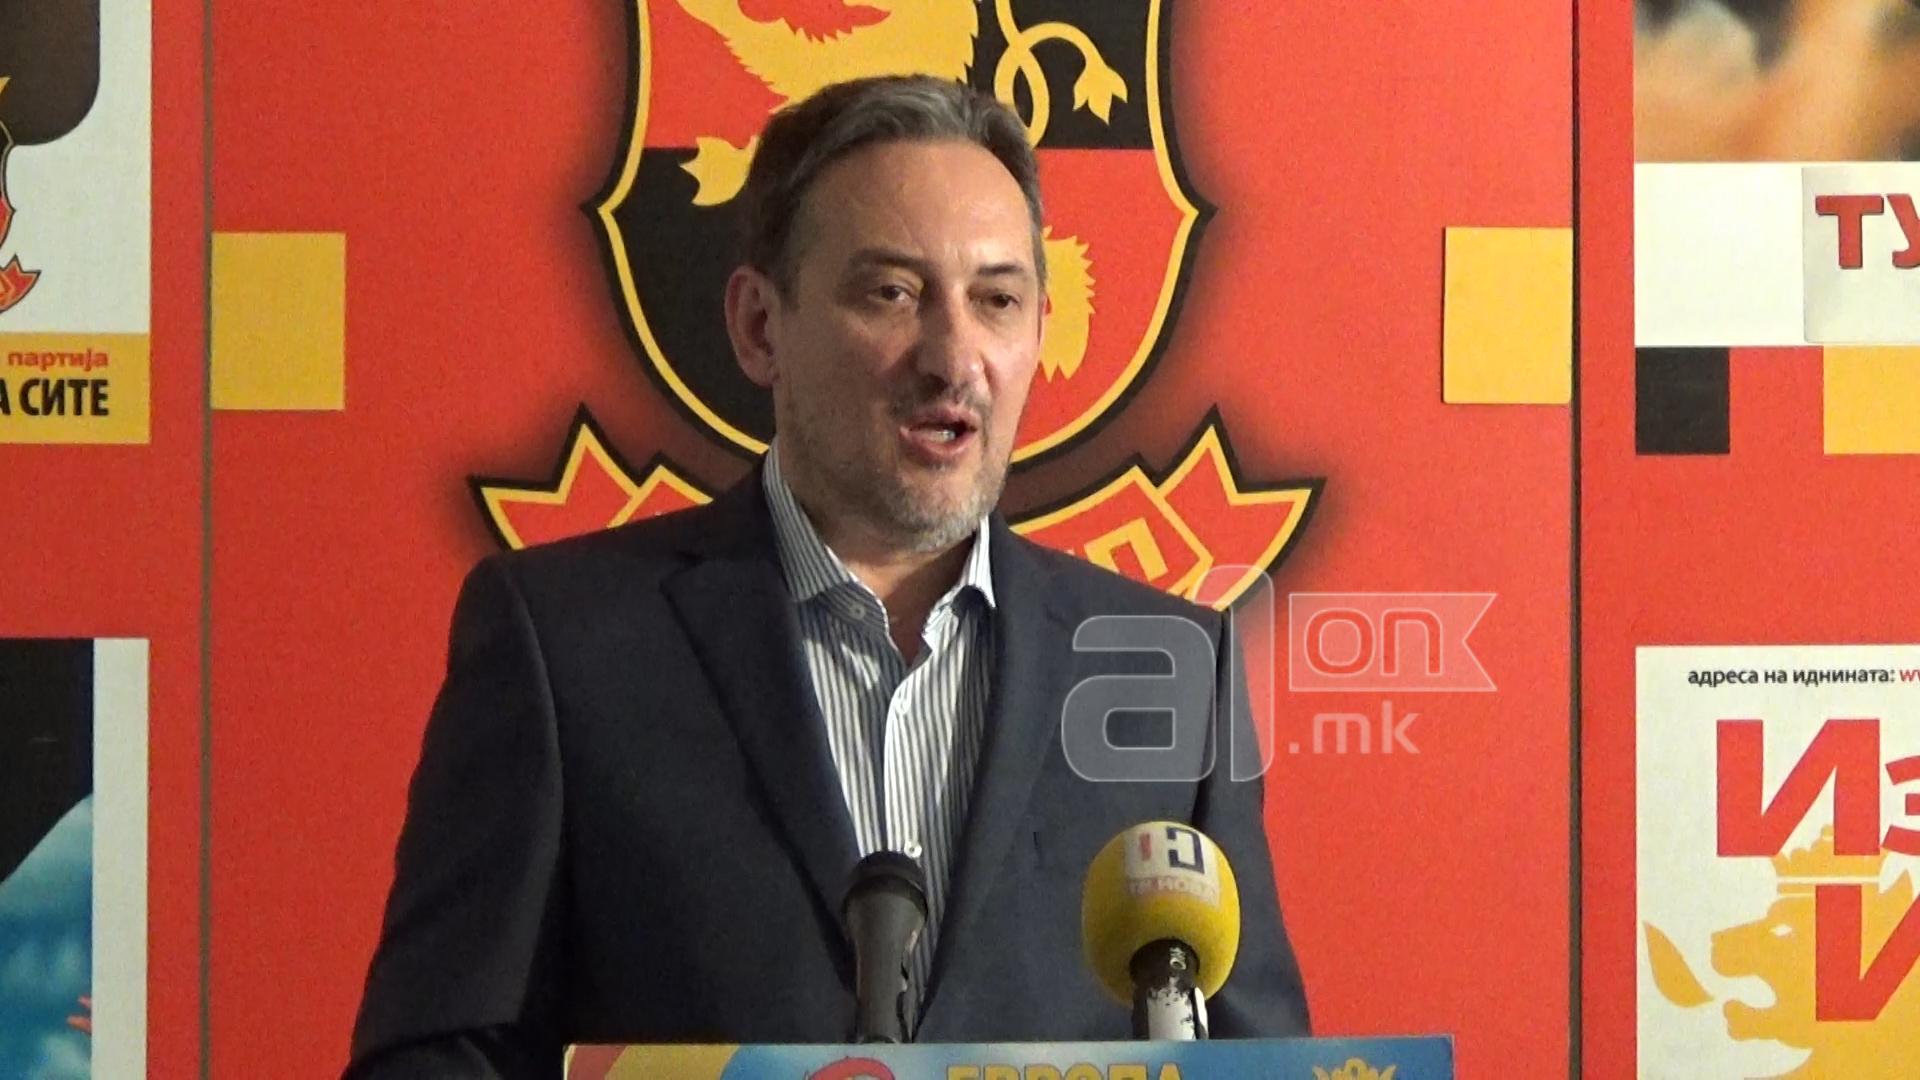 Партијата на Љубчо Георгиевски нема да учествува на локалните избори